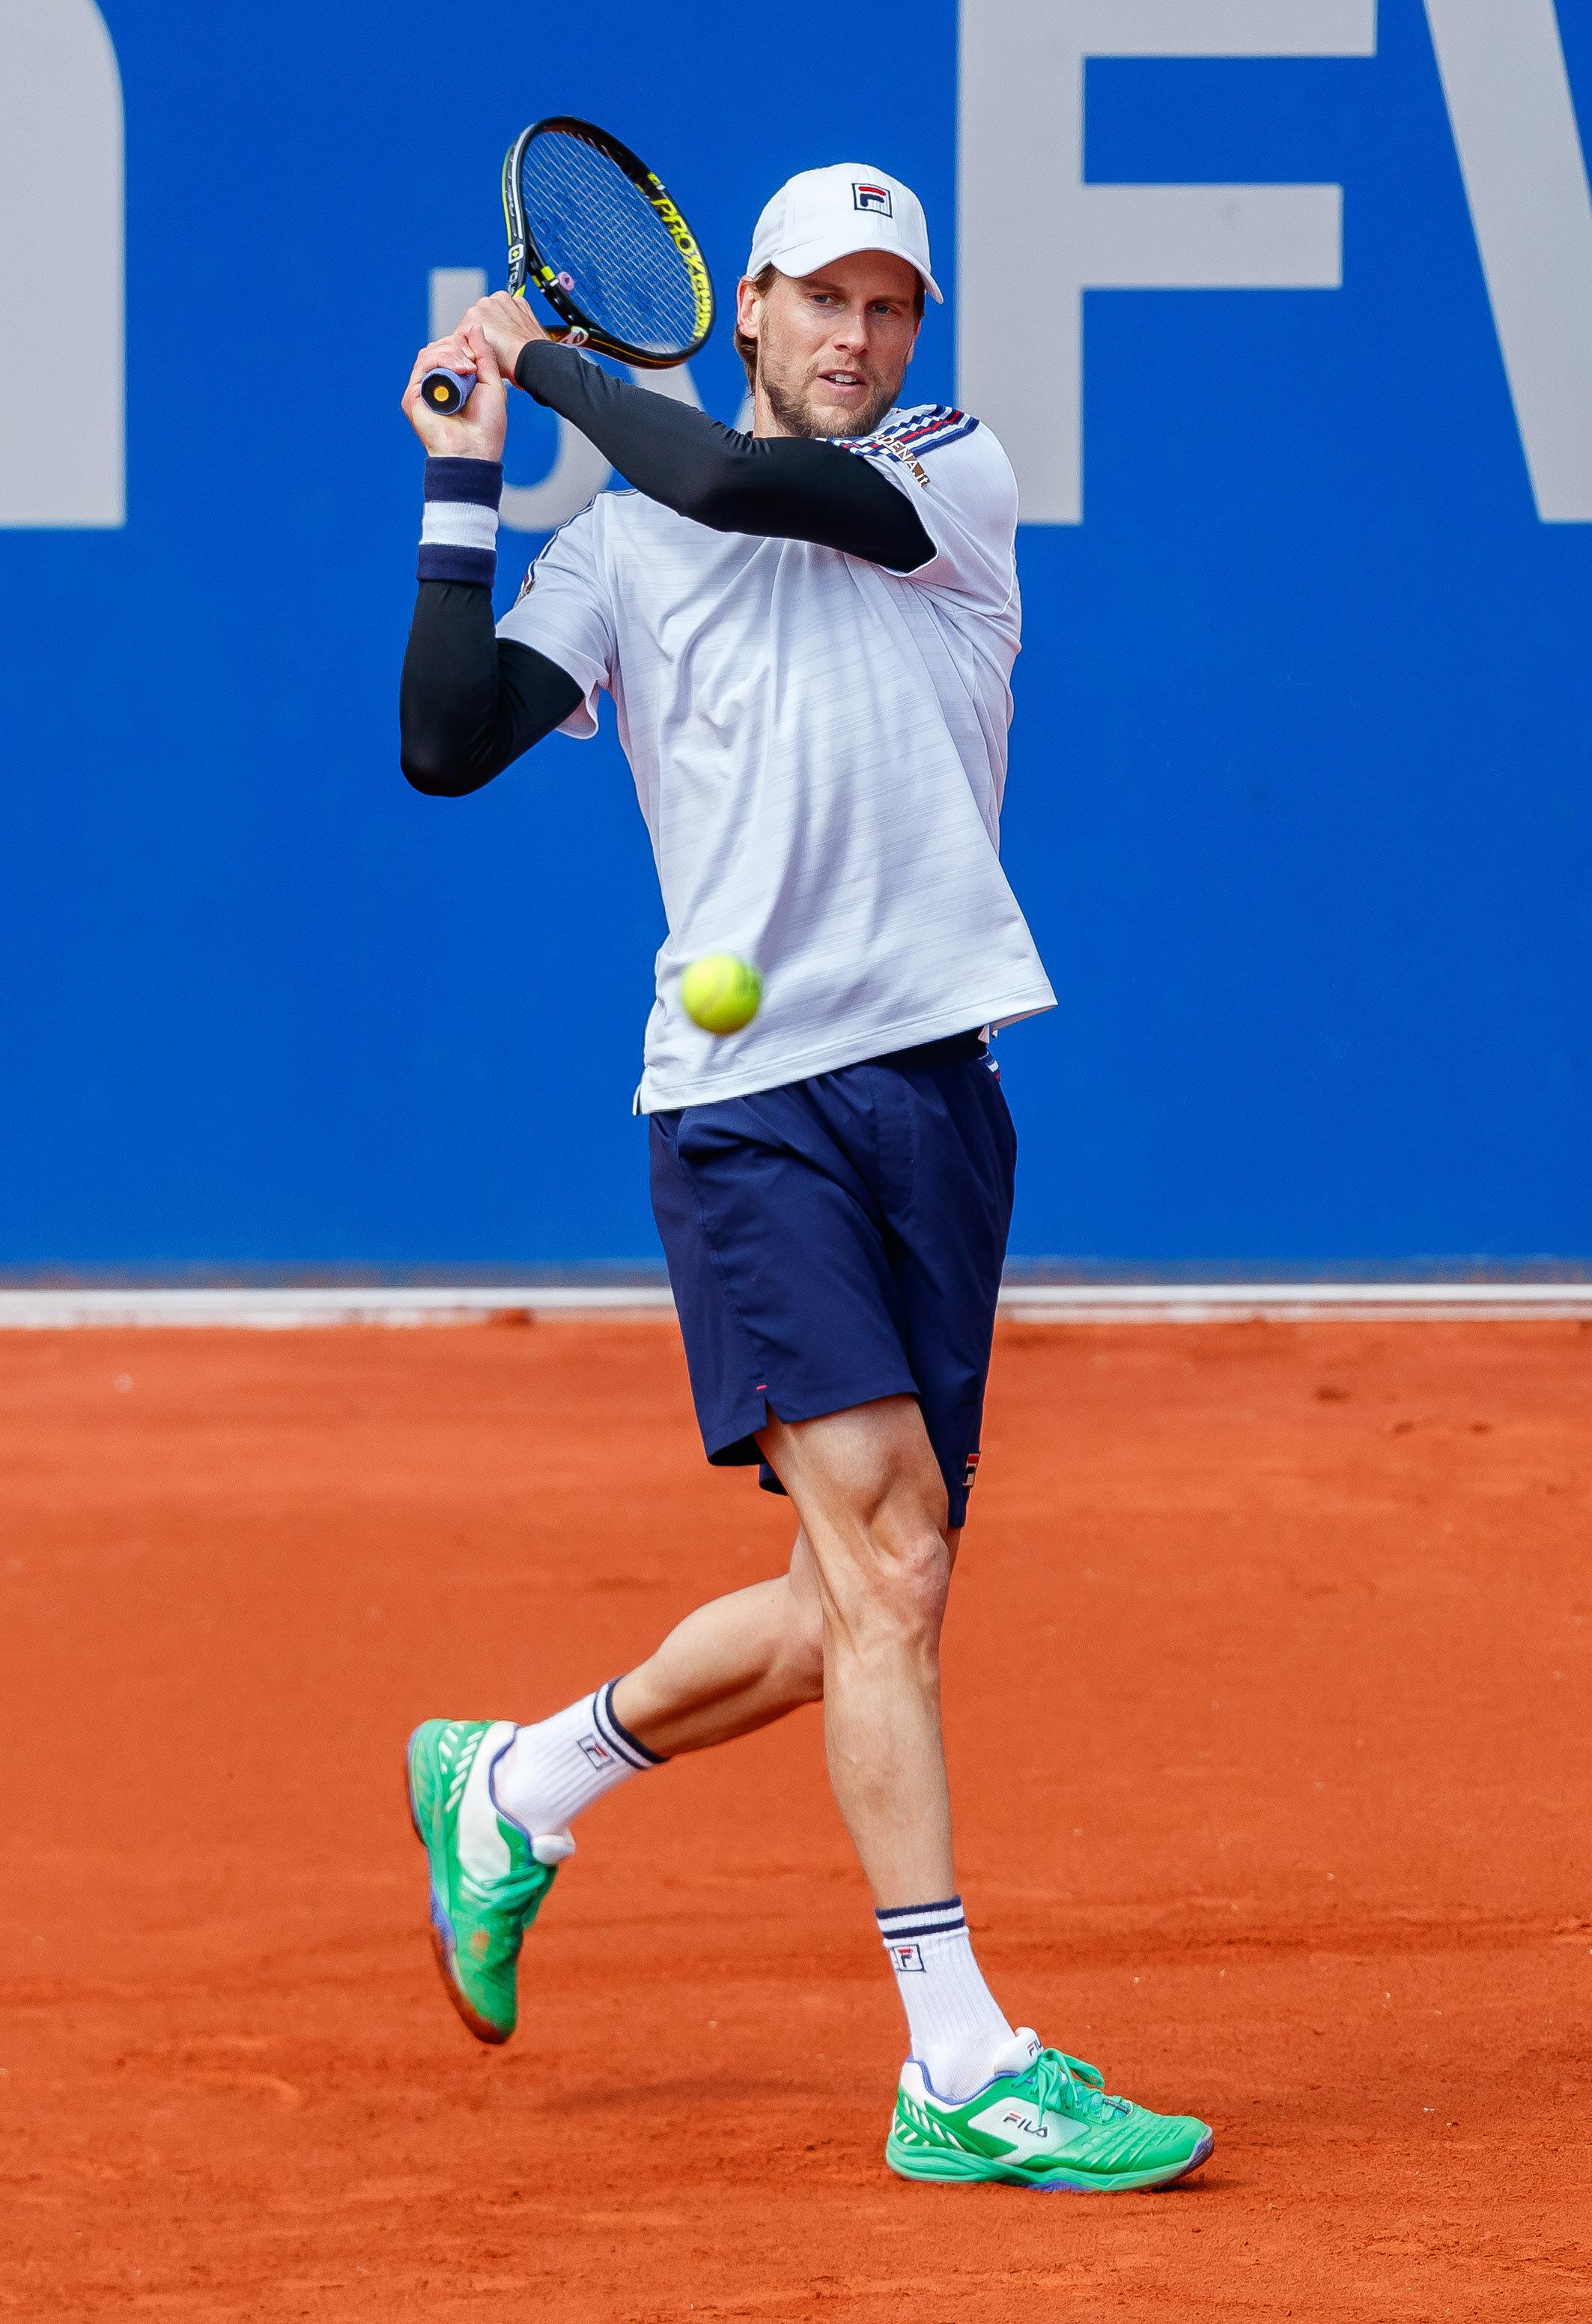 Il campione di tennis Andreas Seppi truffato per 500mila